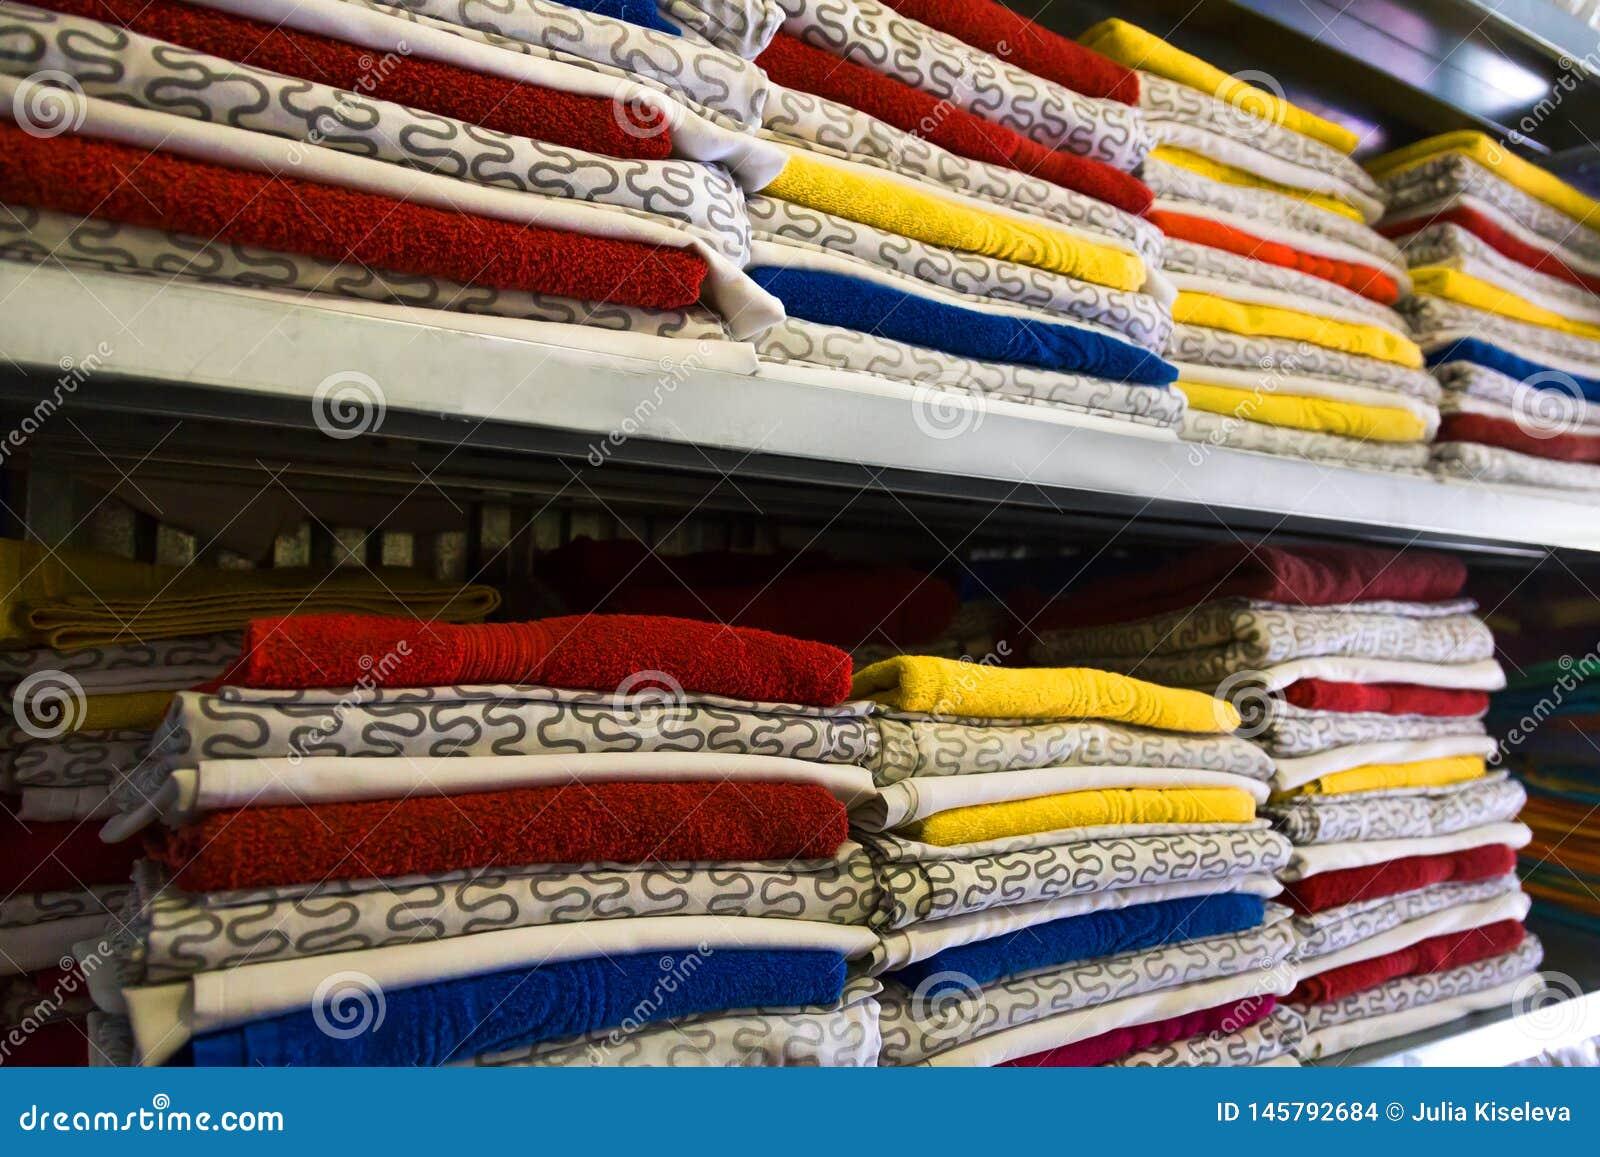 De verse hotelhanddoeken en het bedlinnen worden gestapeld op de plank